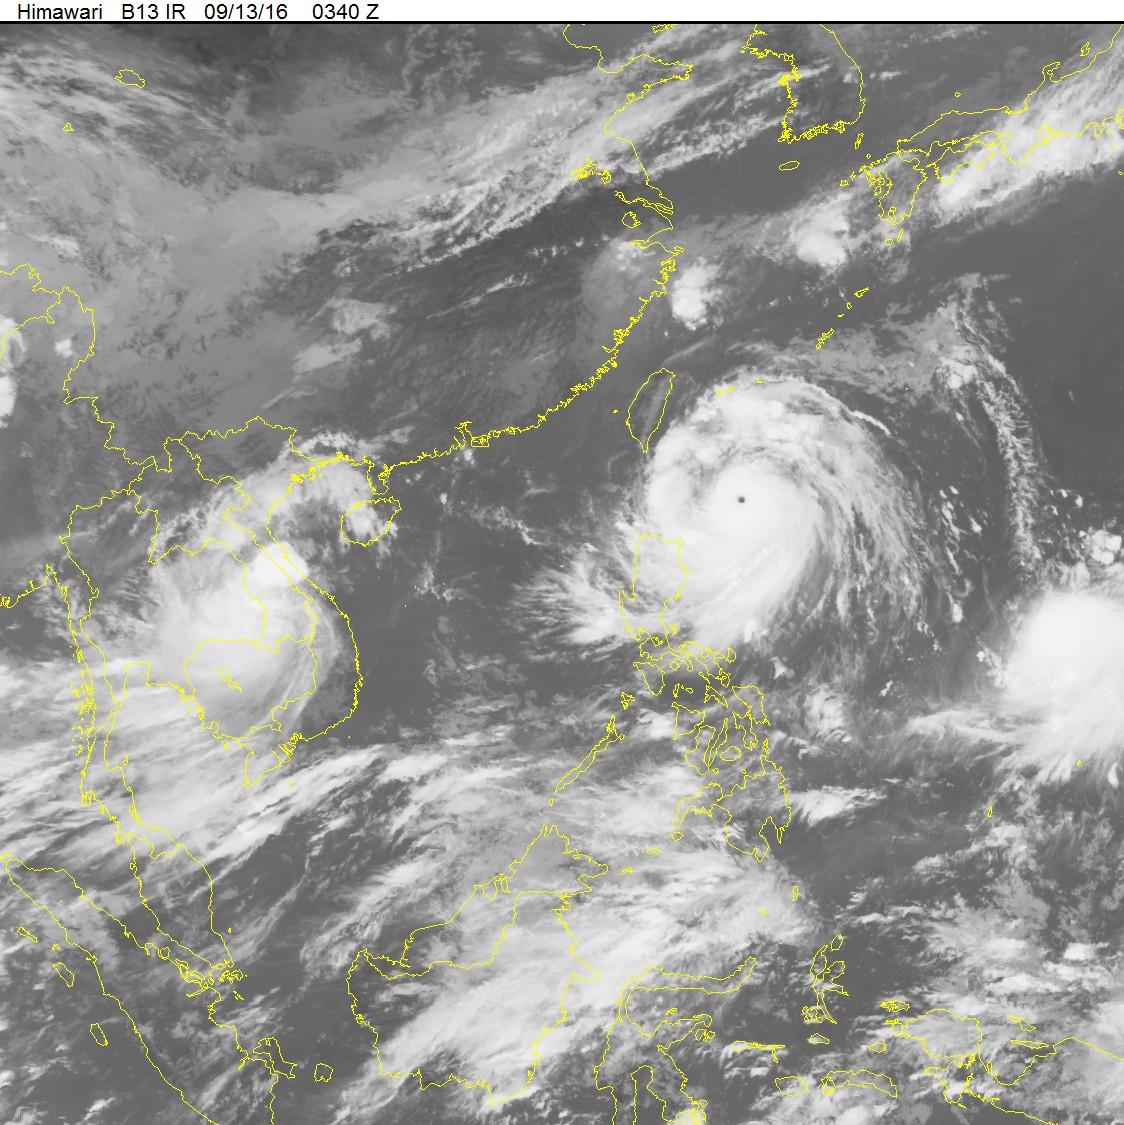 Siêu bão Meranti giật trên cấp 17 tiến sát Biển Đông 1